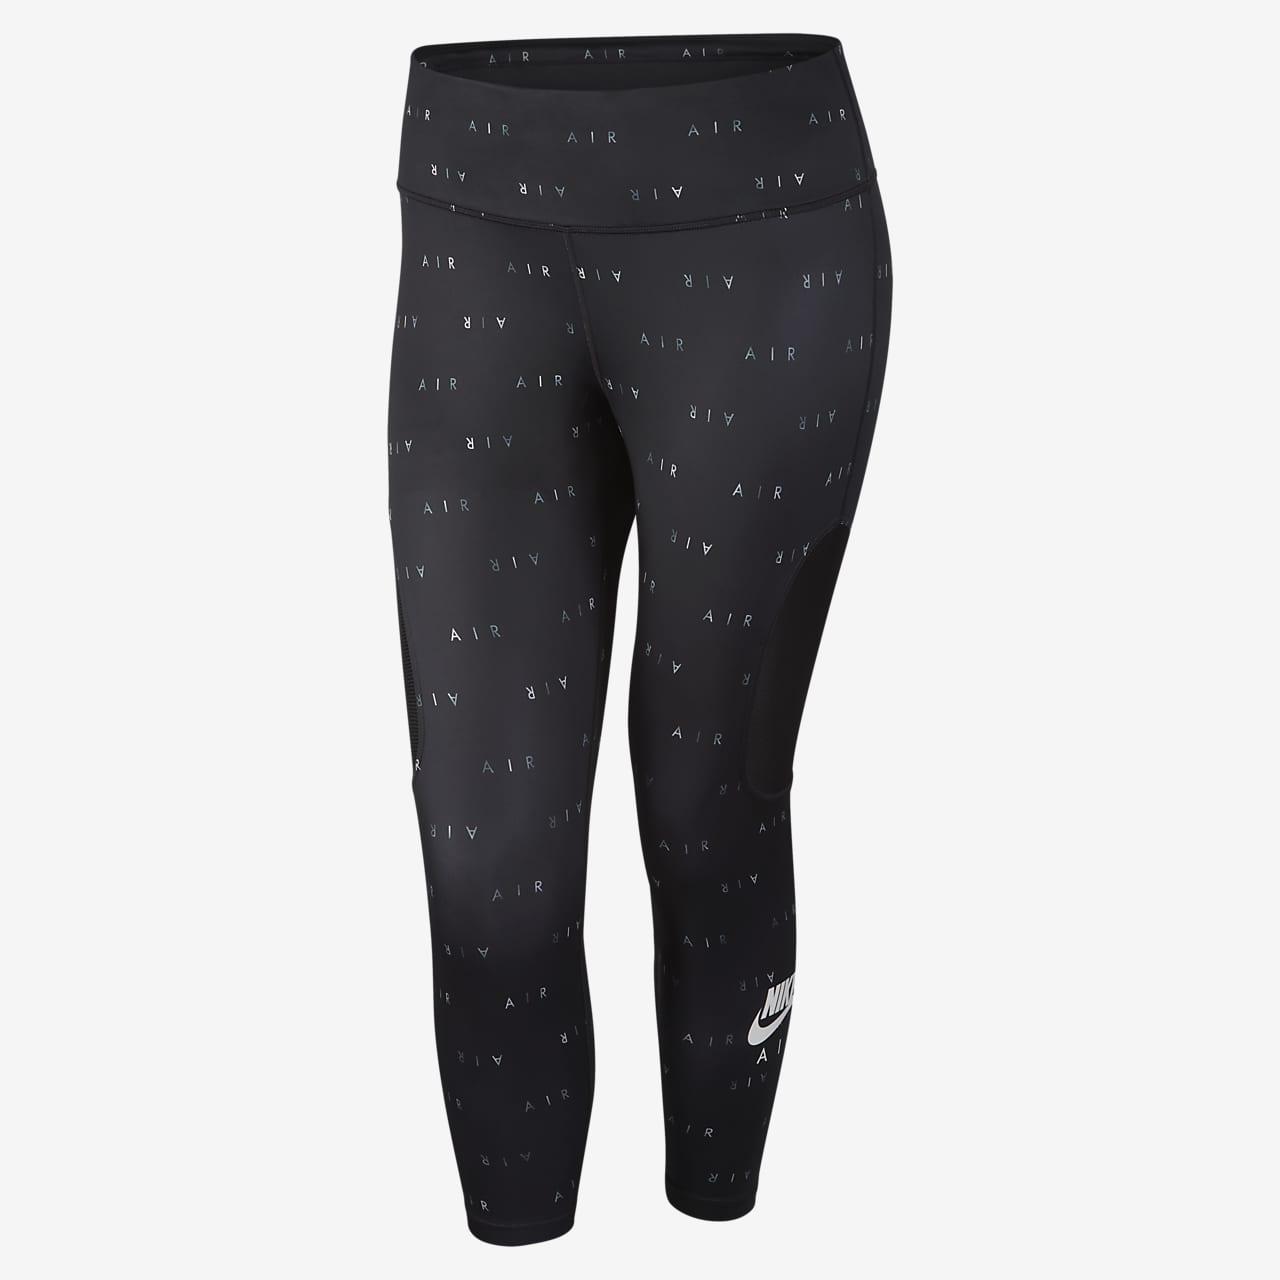 Legging de running 7/8 Nike Air pour Femme (grande taille)